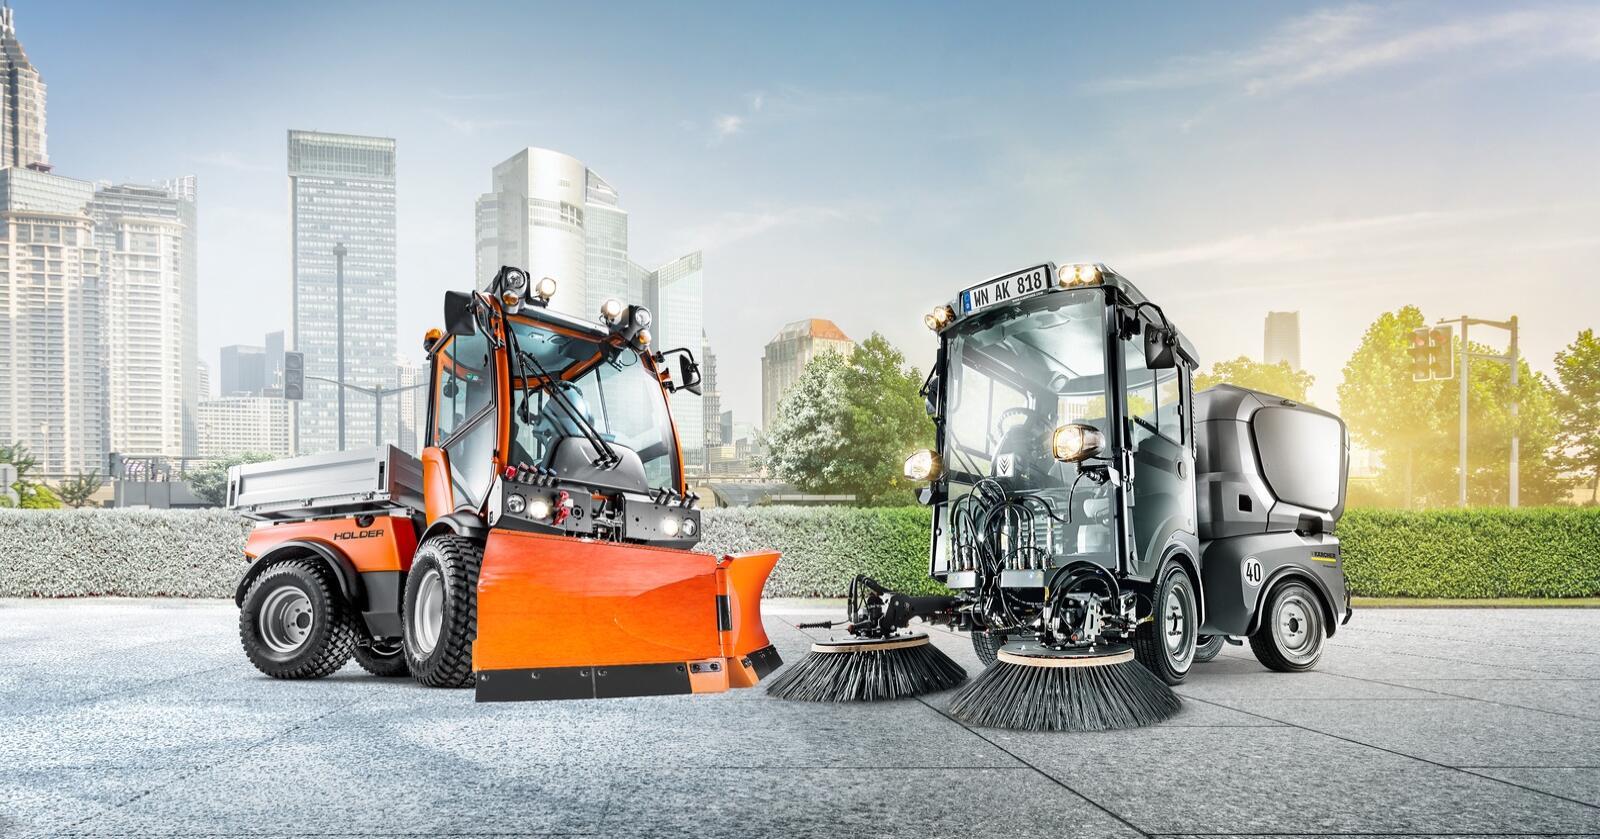 Oppkjøp: Kärcher Gruppen kjøpte firmaet Max Holder GmbH i 2019. Nå får maskinene felles importør i Norge, som blir Nellemann Machinery